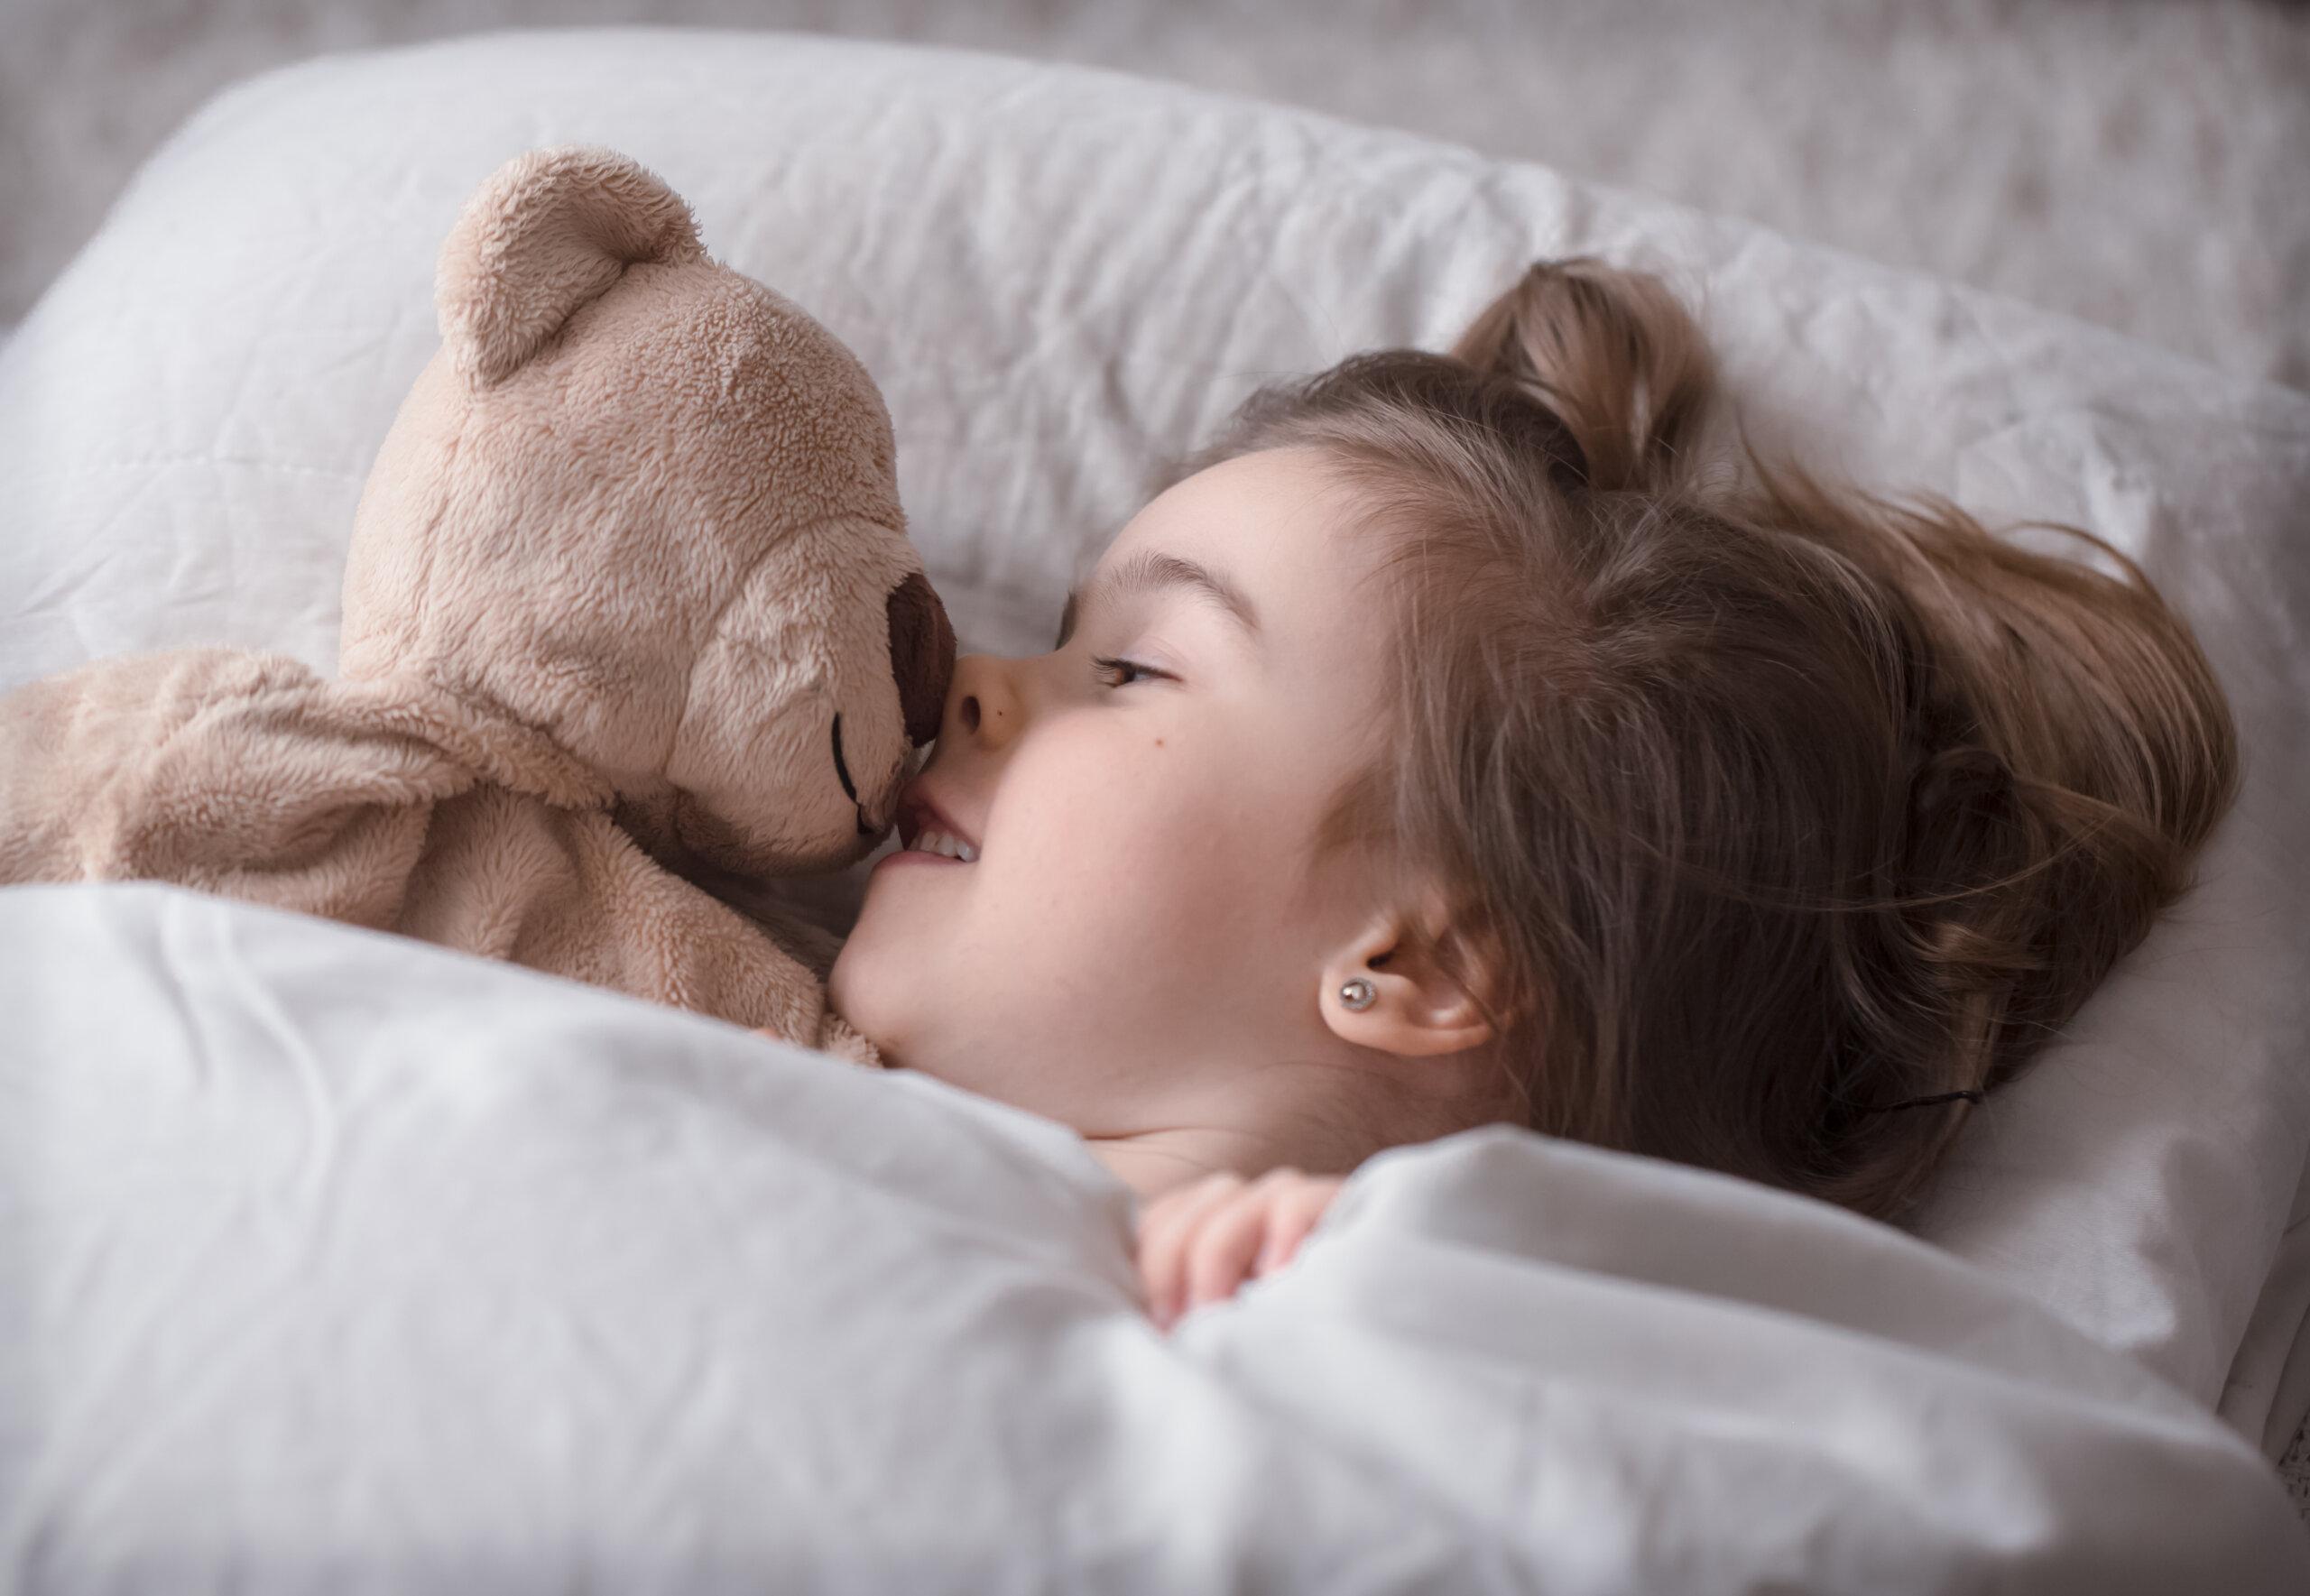 ข้อดีของเตียงนอนเด็ก